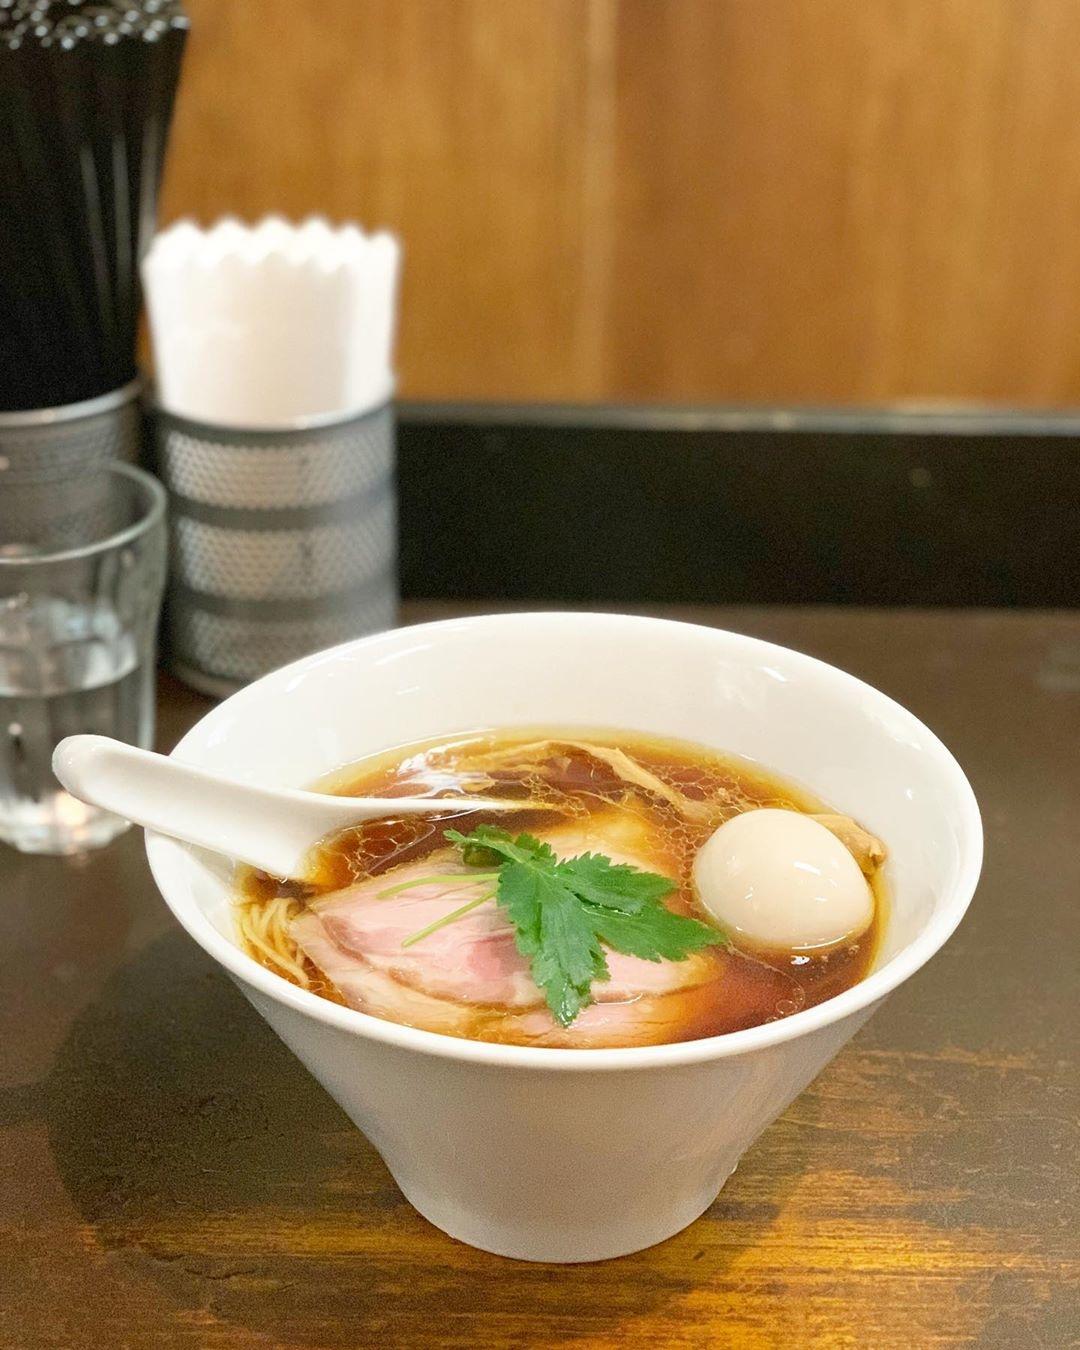 映えよりも美味しいを優先して@神保町黒須